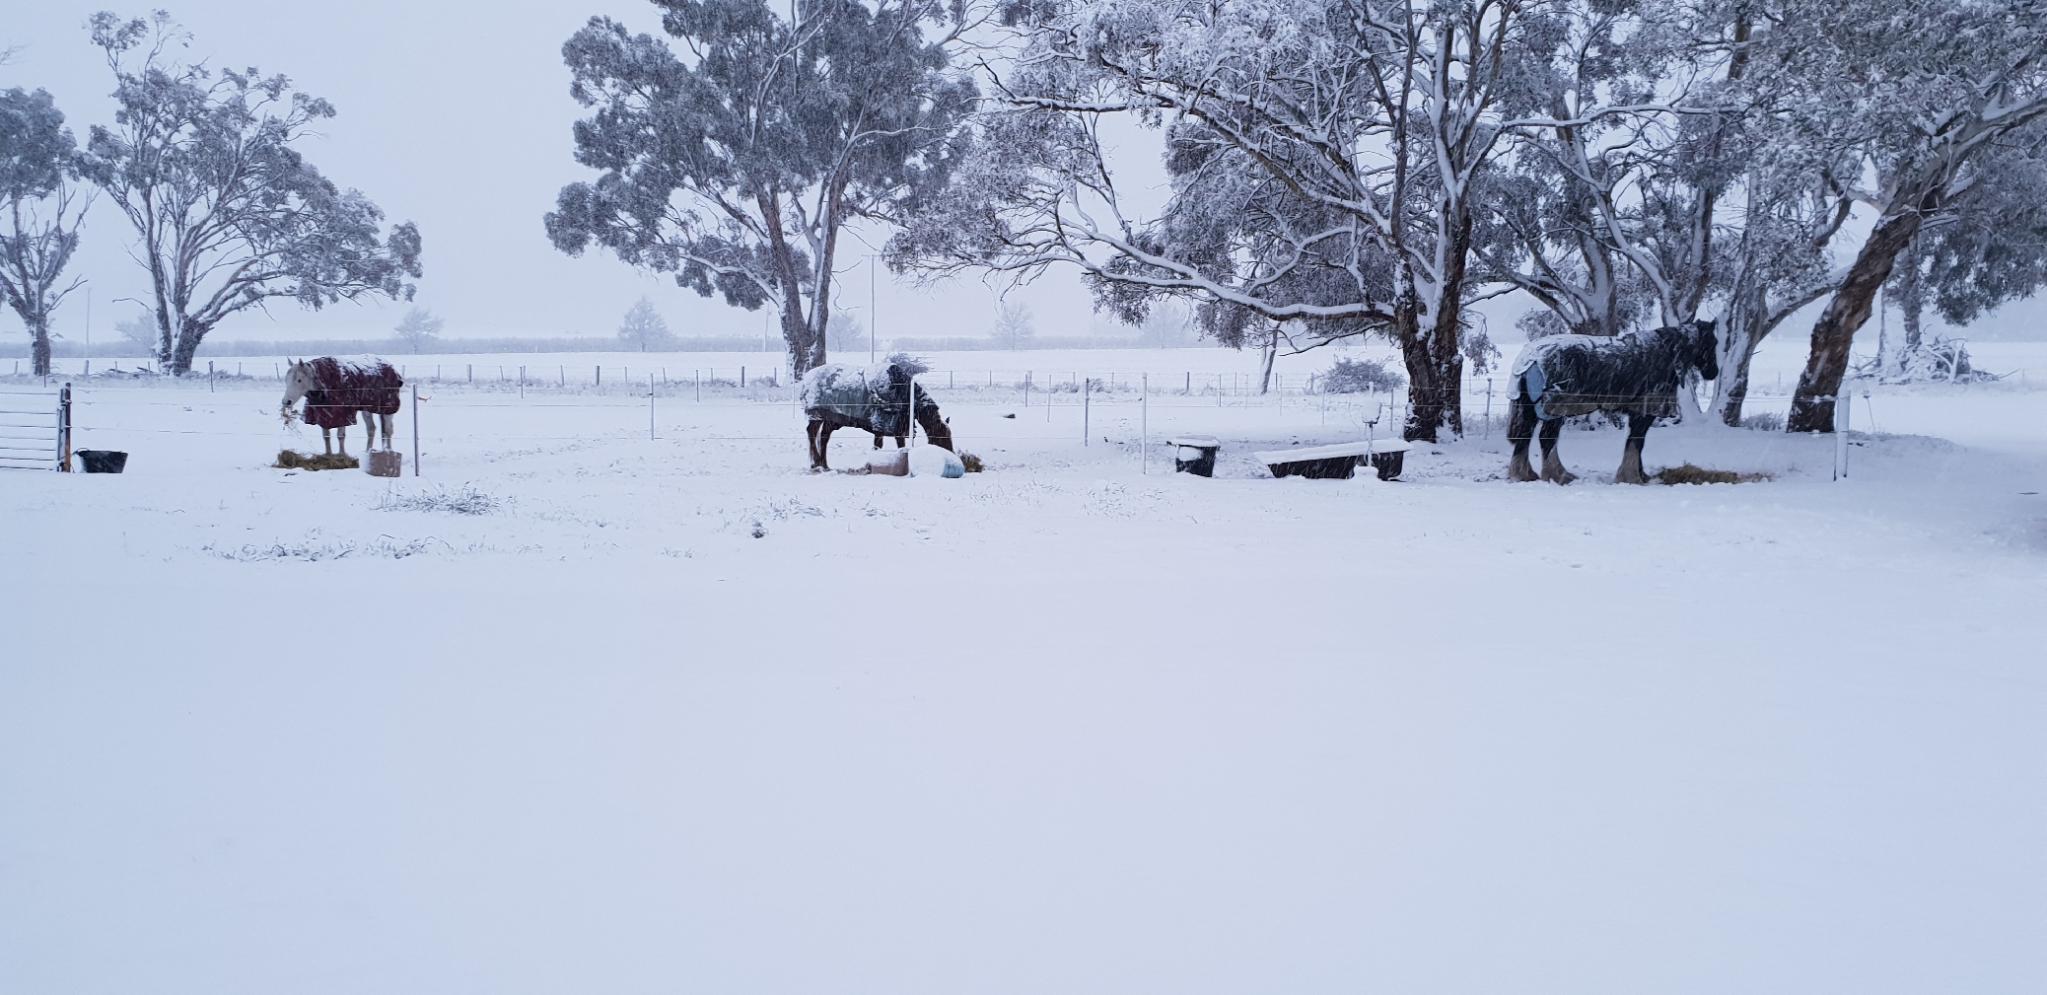 Tasmania had a fair blast of cold weather